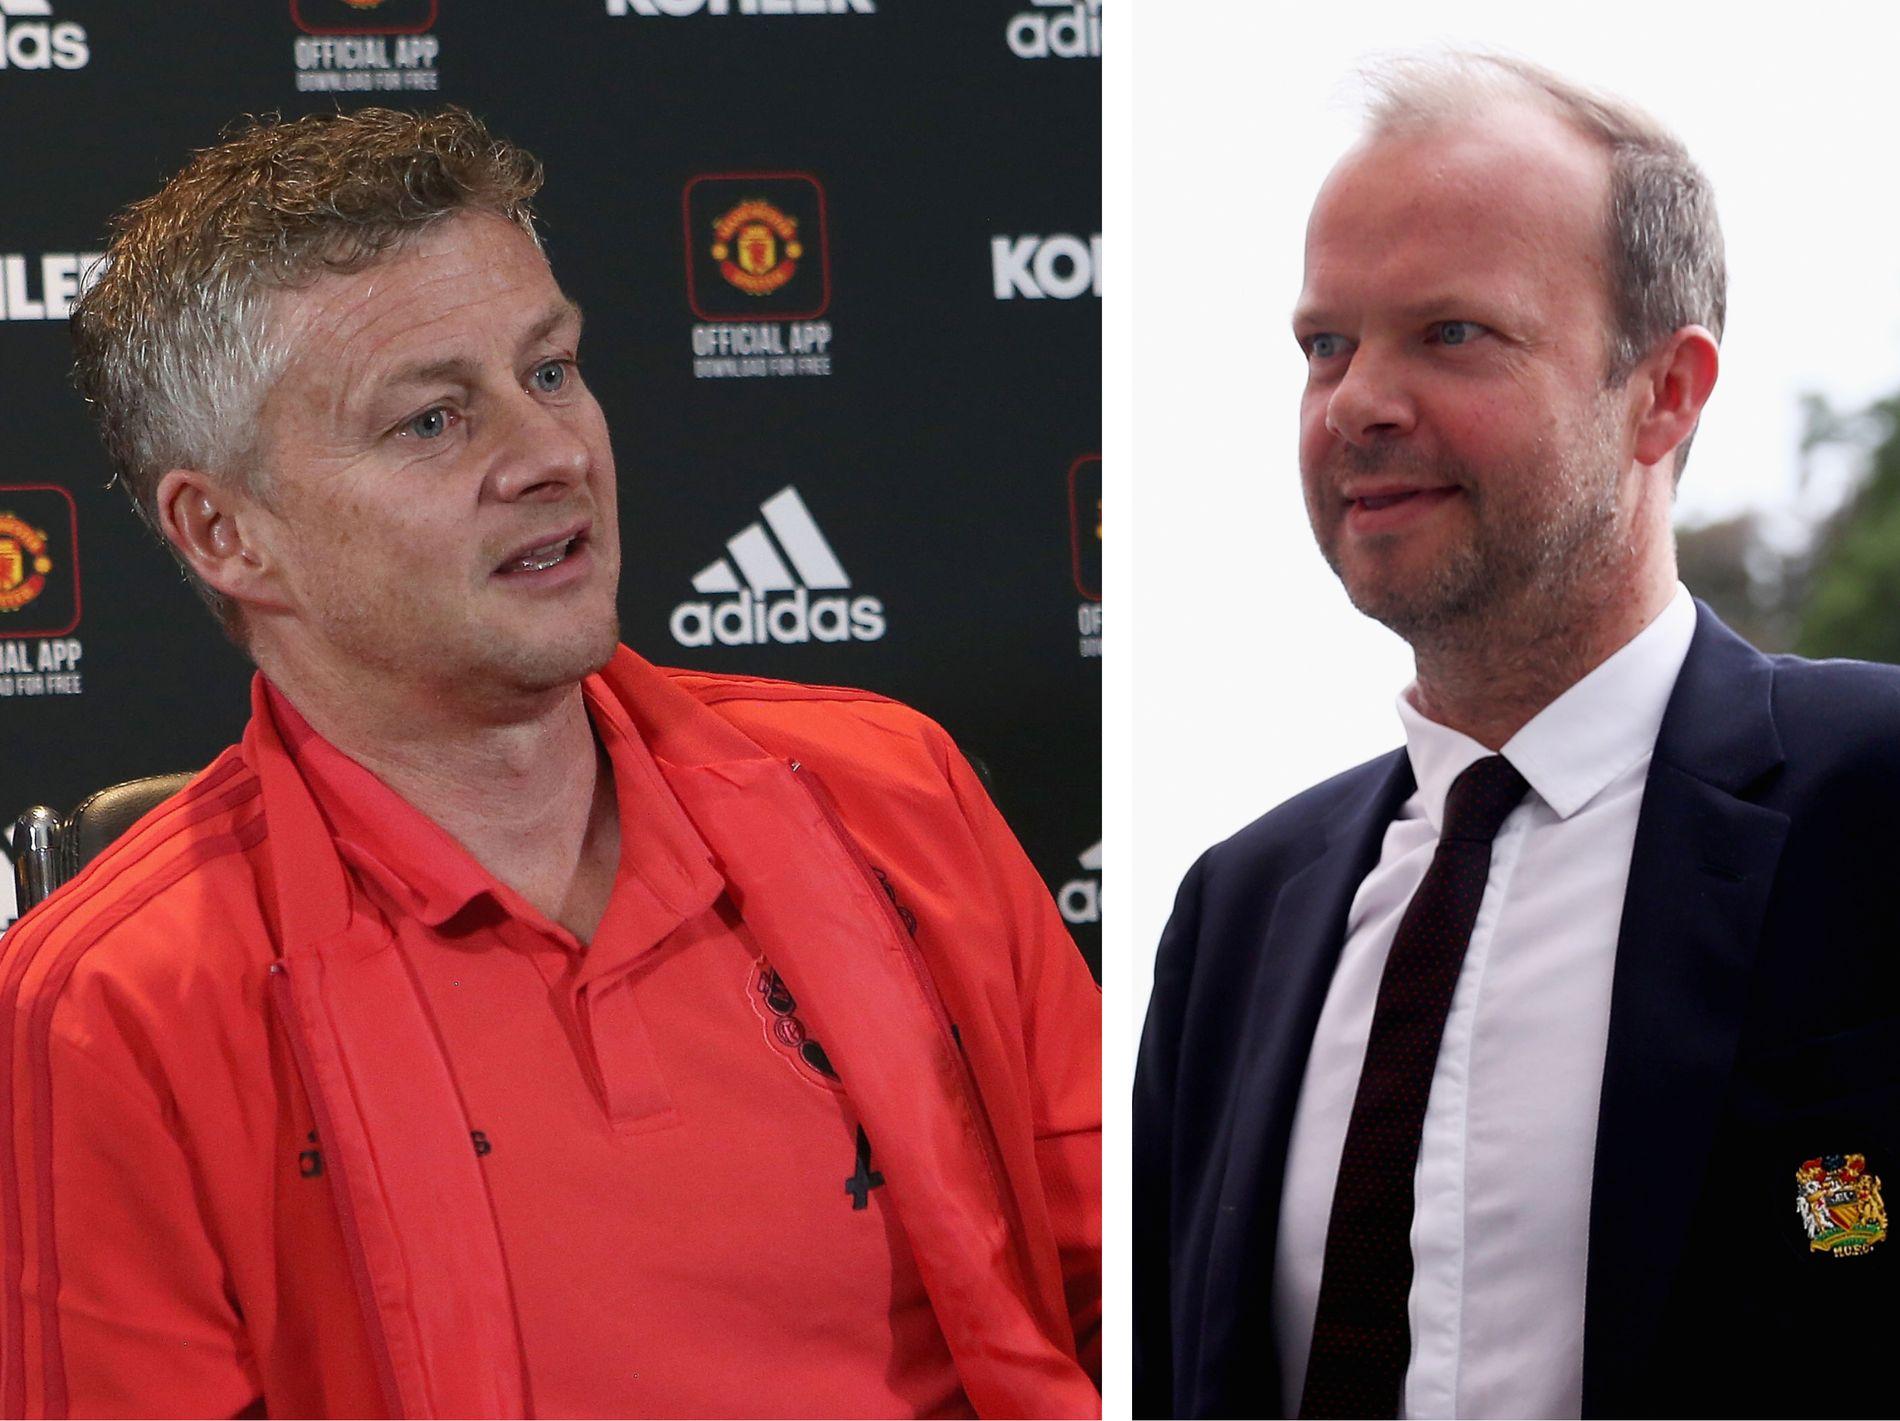 ED BESTEMMER: Ed Woodward (t.h.) er Manchester Uniteds direktør og mannen som har siste ord om hvem som blir fast manager til sommeren. Han har foreløpig ikke tatt opp temaet med Solskjær.